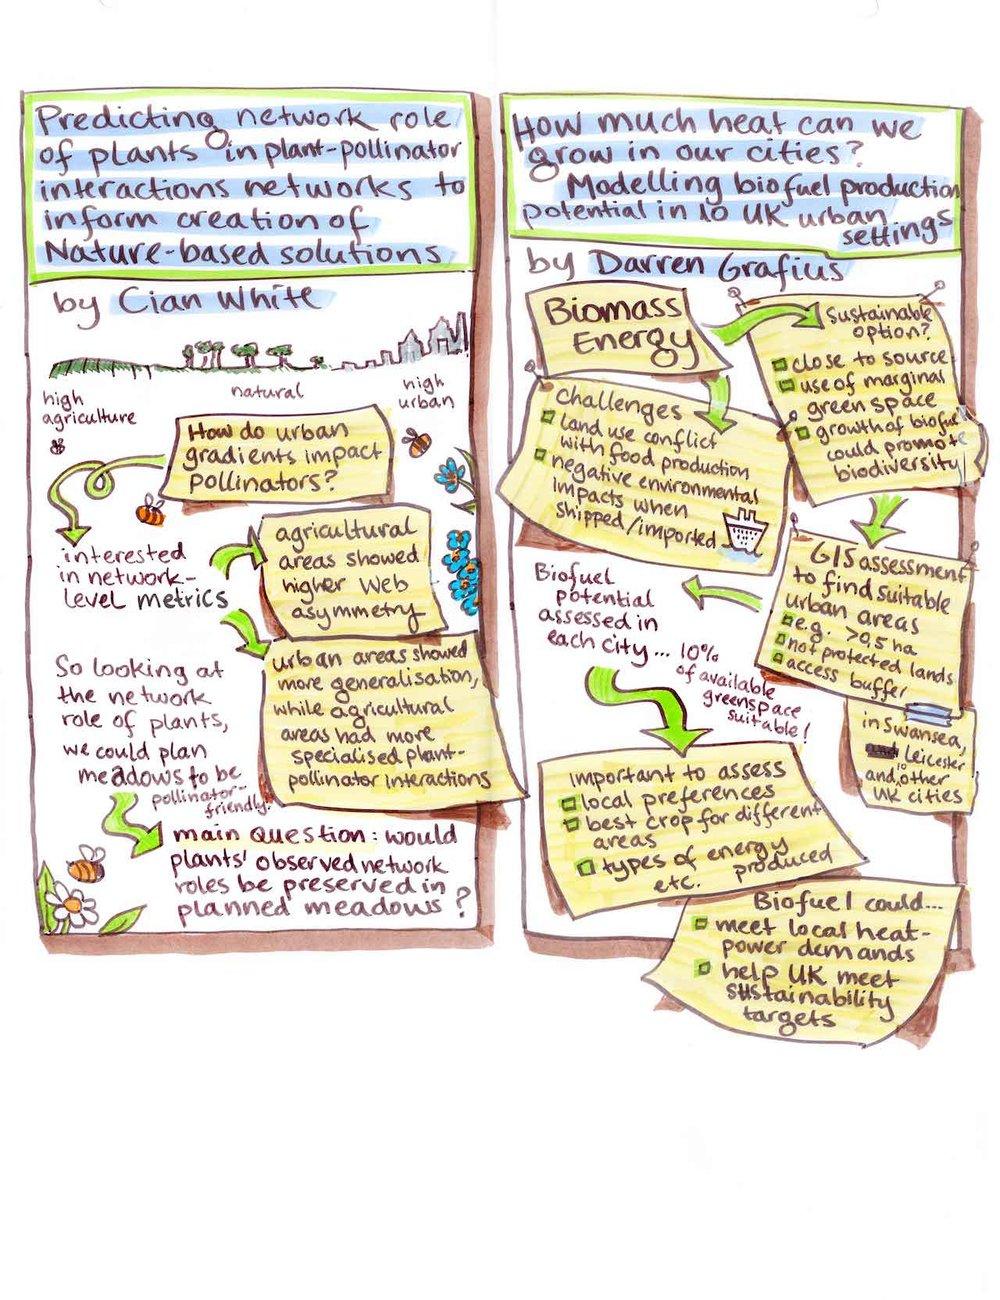 session_S47nathum3.jpg